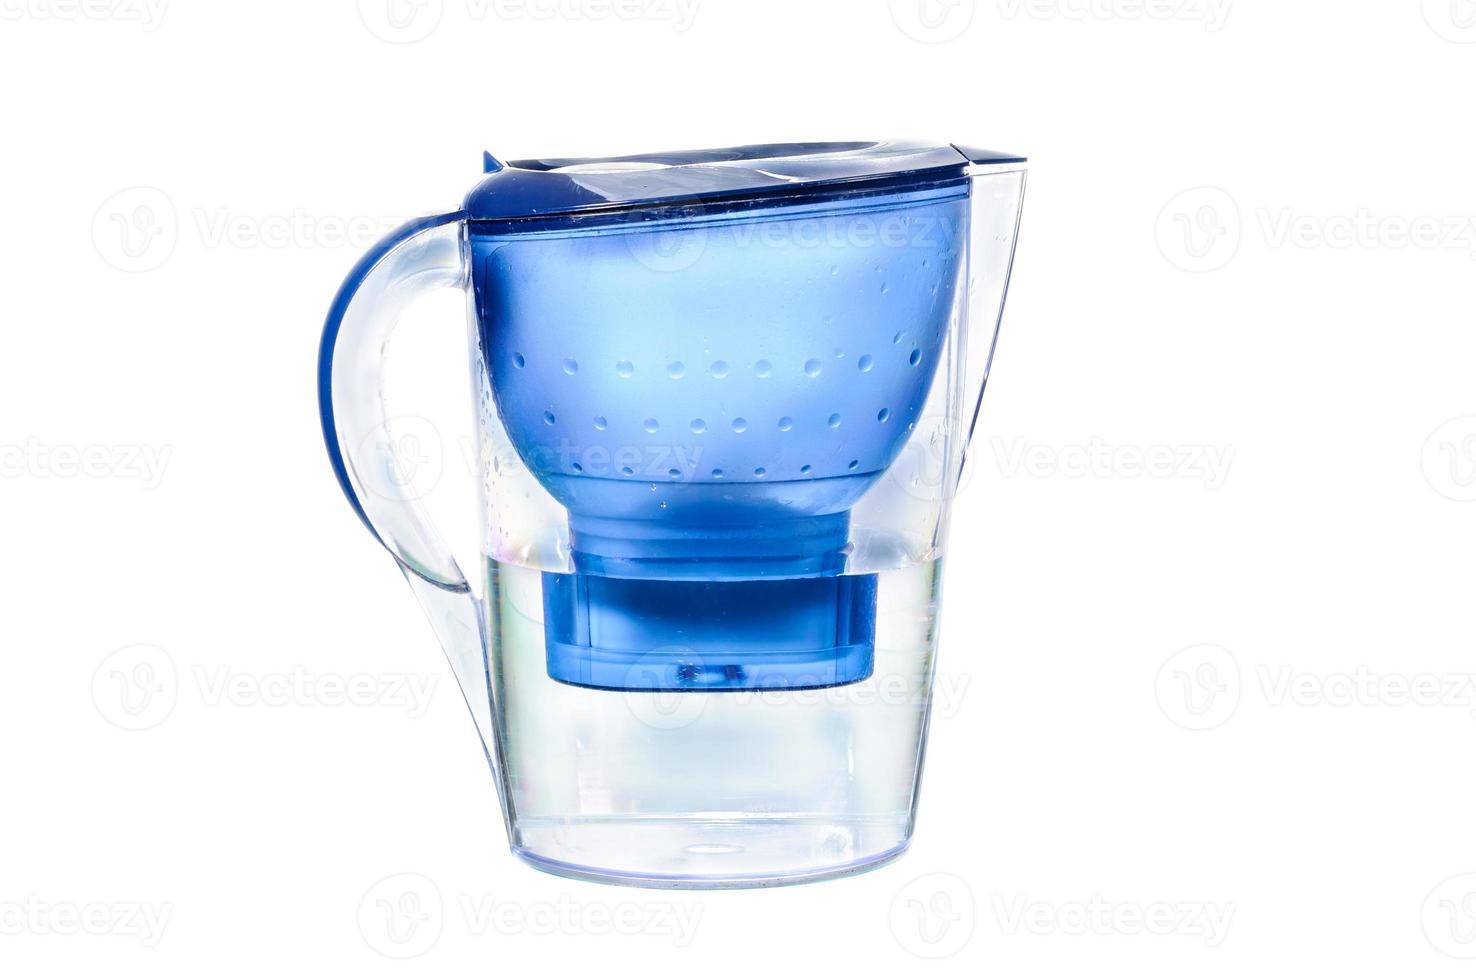 eau fraîche filtrée pour boisson photo